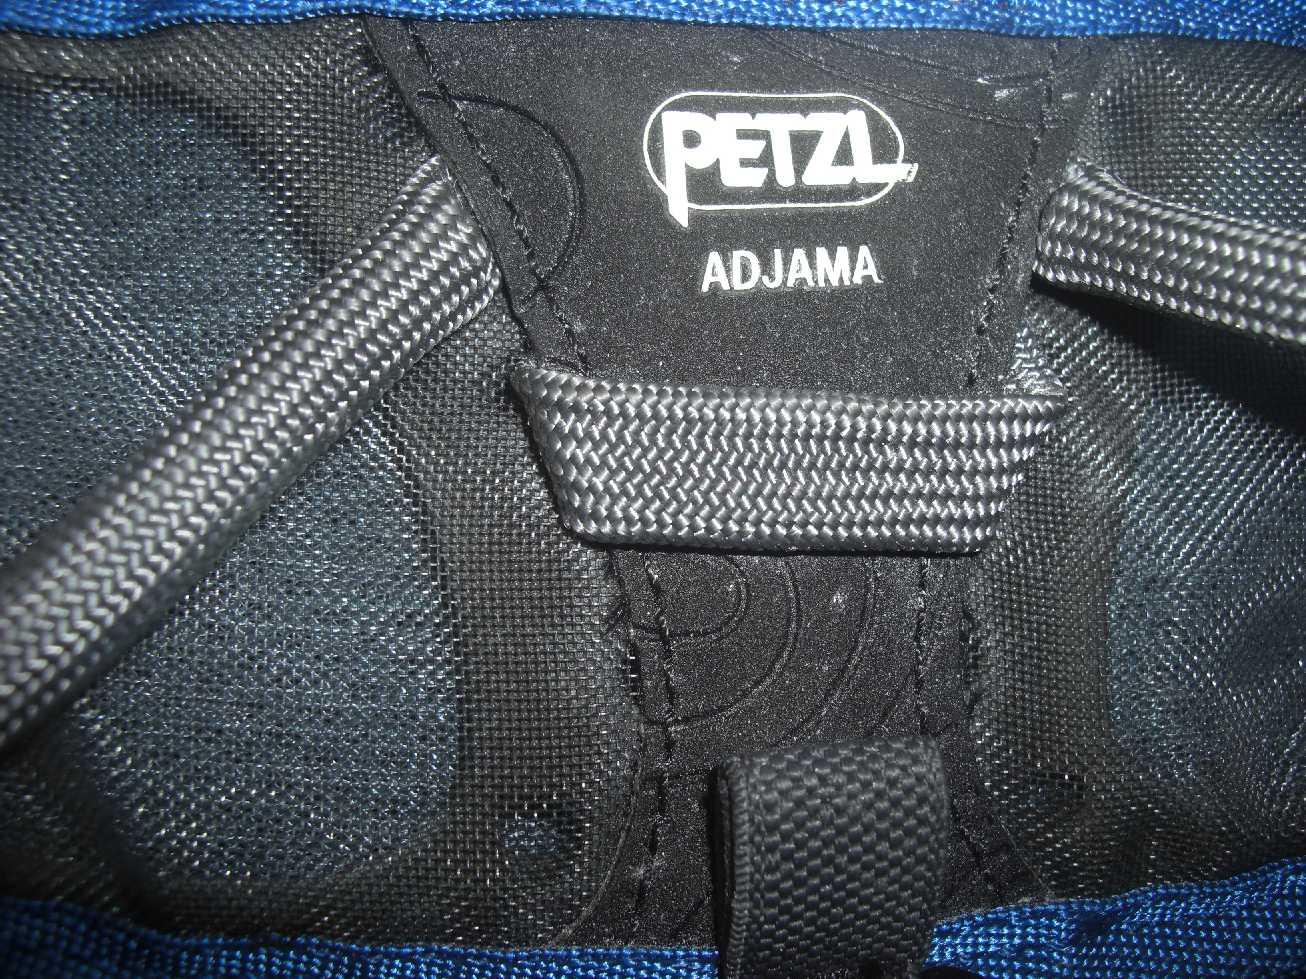 Petzl Klettergurt Petzl : Testbericht petzl adjama klettergurt mit verstellbaren